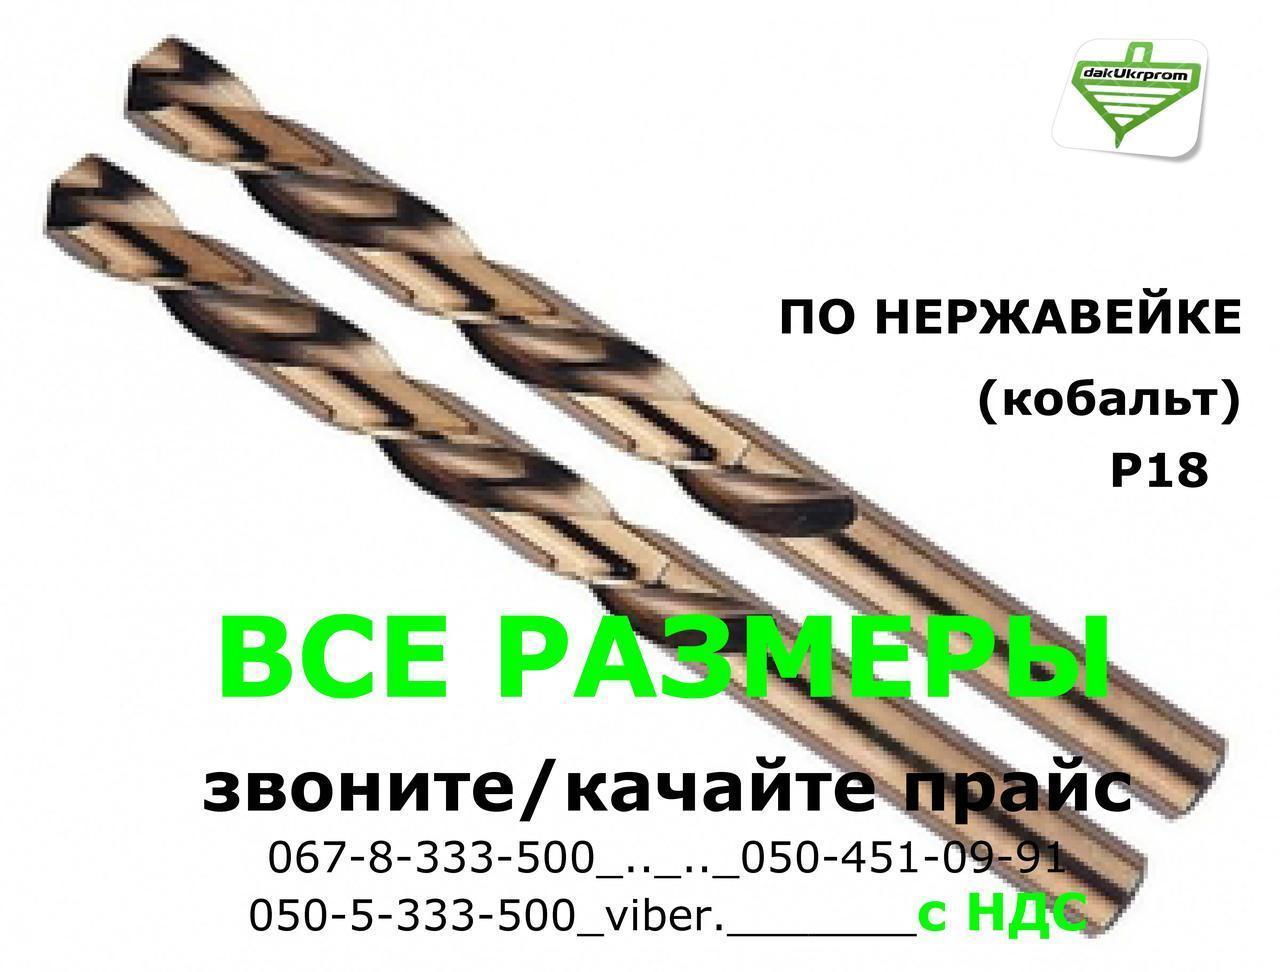 Свердло по нержавіючій сталі Р18 - 3,6 мм, (кобальт) промислового призначення ГОСТ-10902 (DIN338 G-Co)